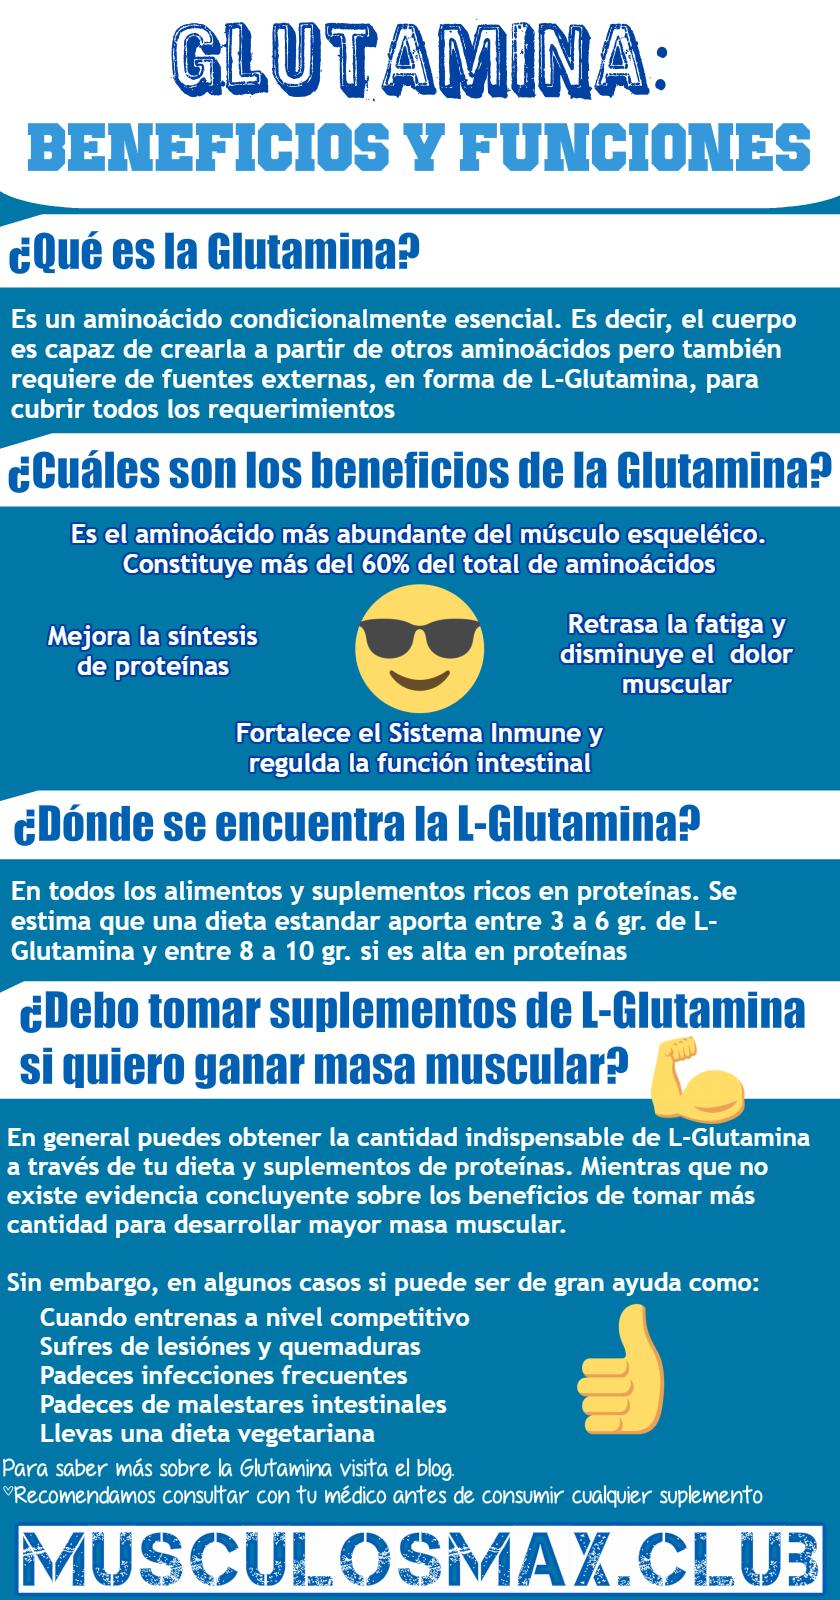 Glutamina beneficios y funciones Infografía